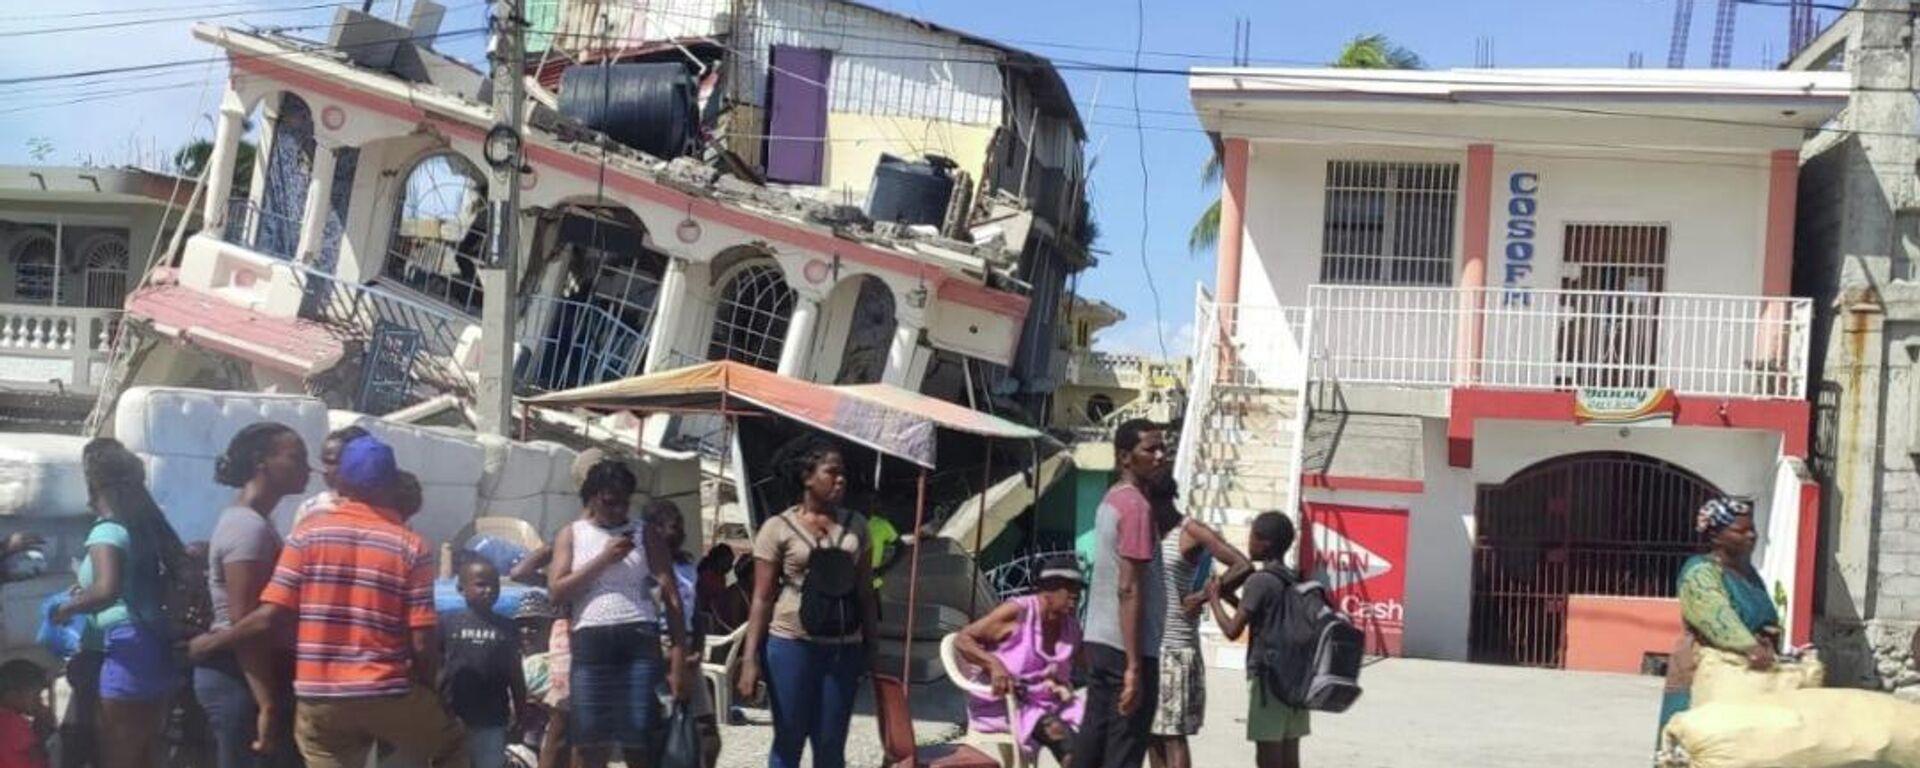 Consecuencias del sismo en Haití - Sputnik Mundo, 1920, 02.09.2021